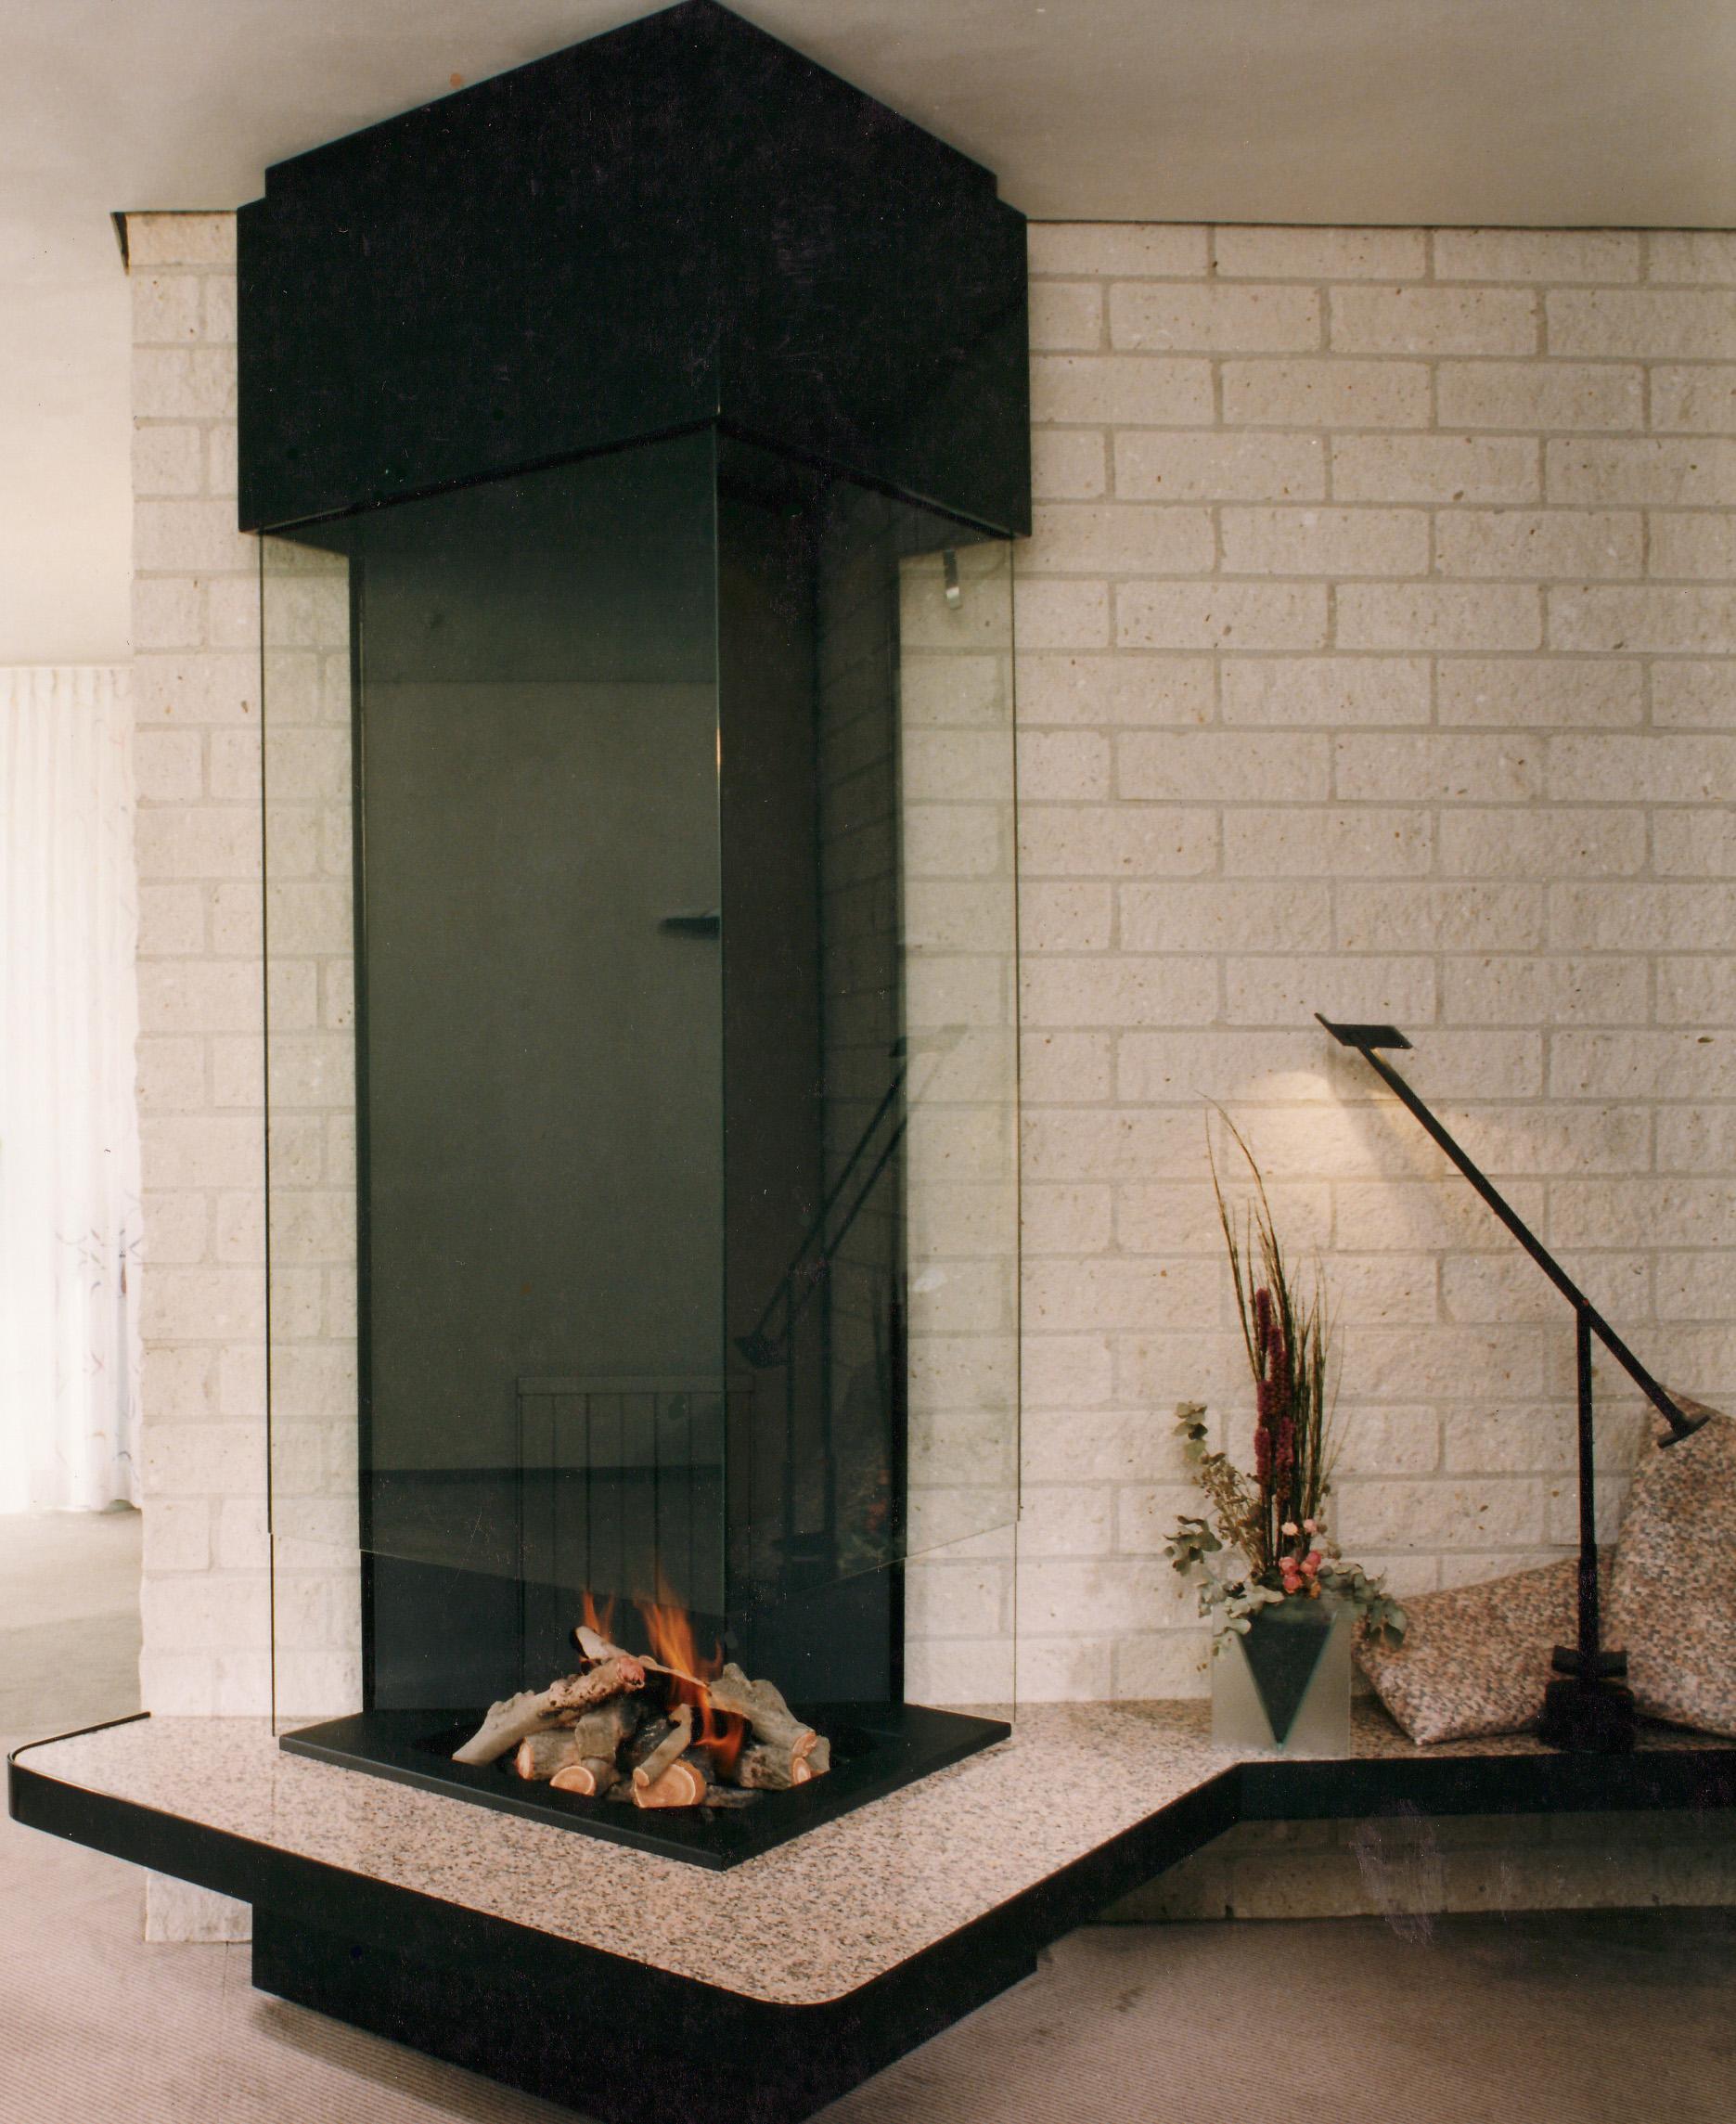 chemin e contemporaine chemin e moderne chemin e design. Black Bedroom Furniture Sets. Home Design Ideas